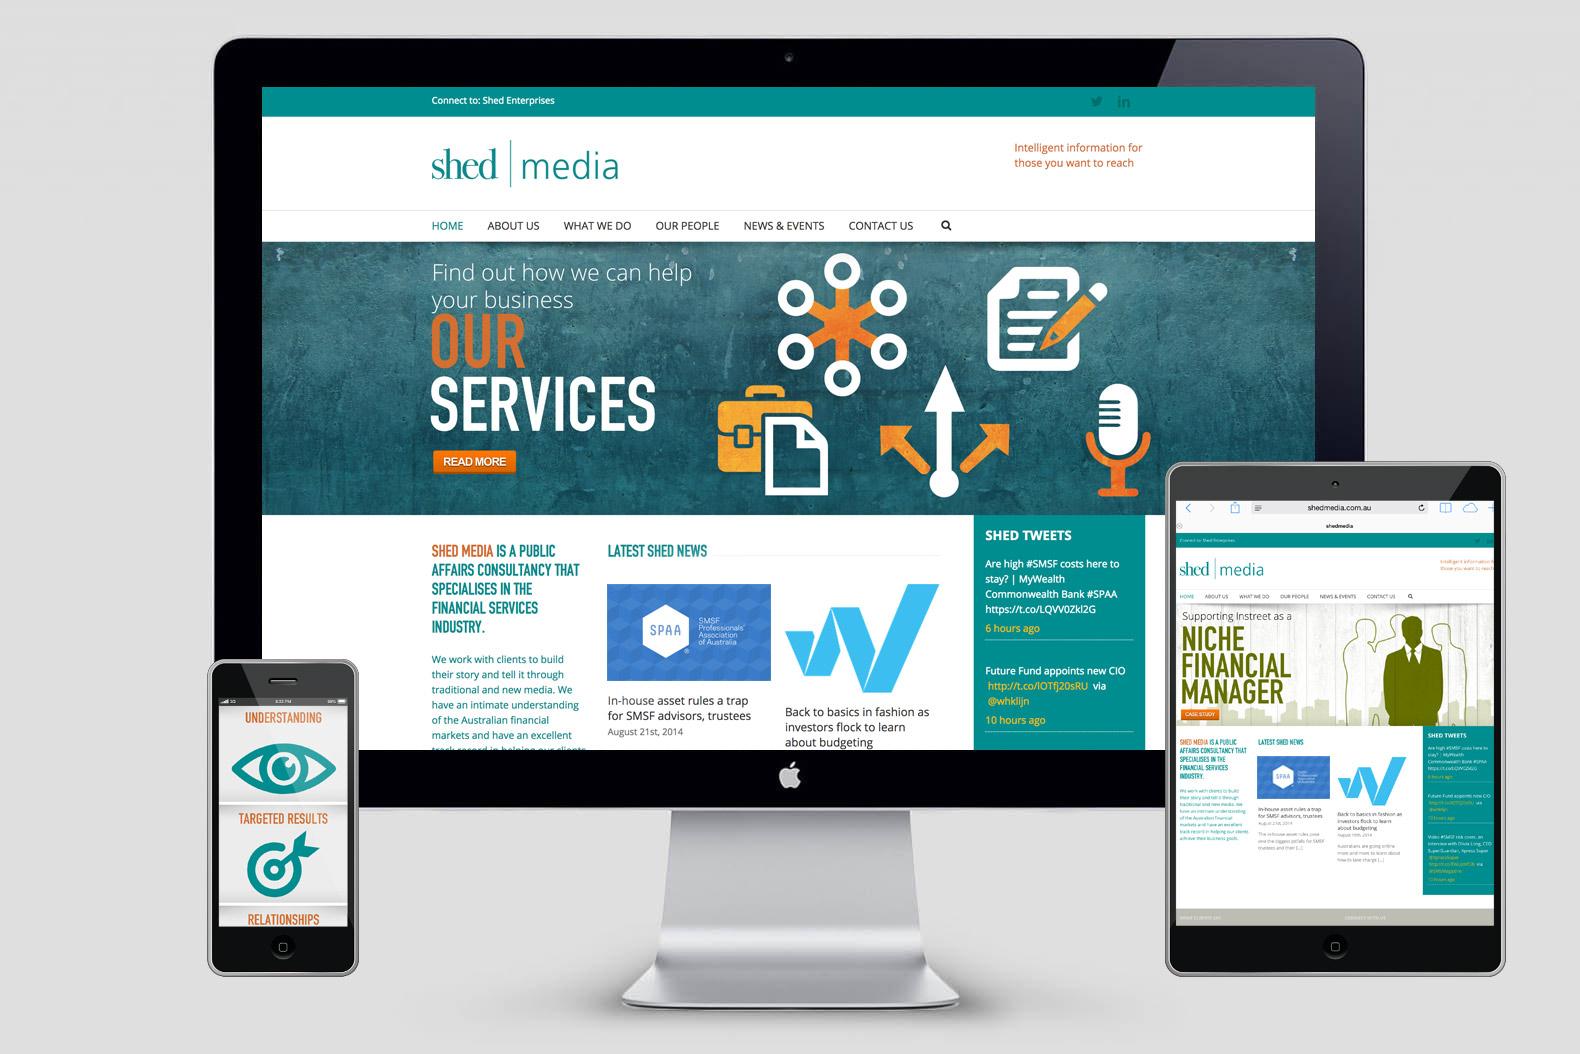 Shed Media website